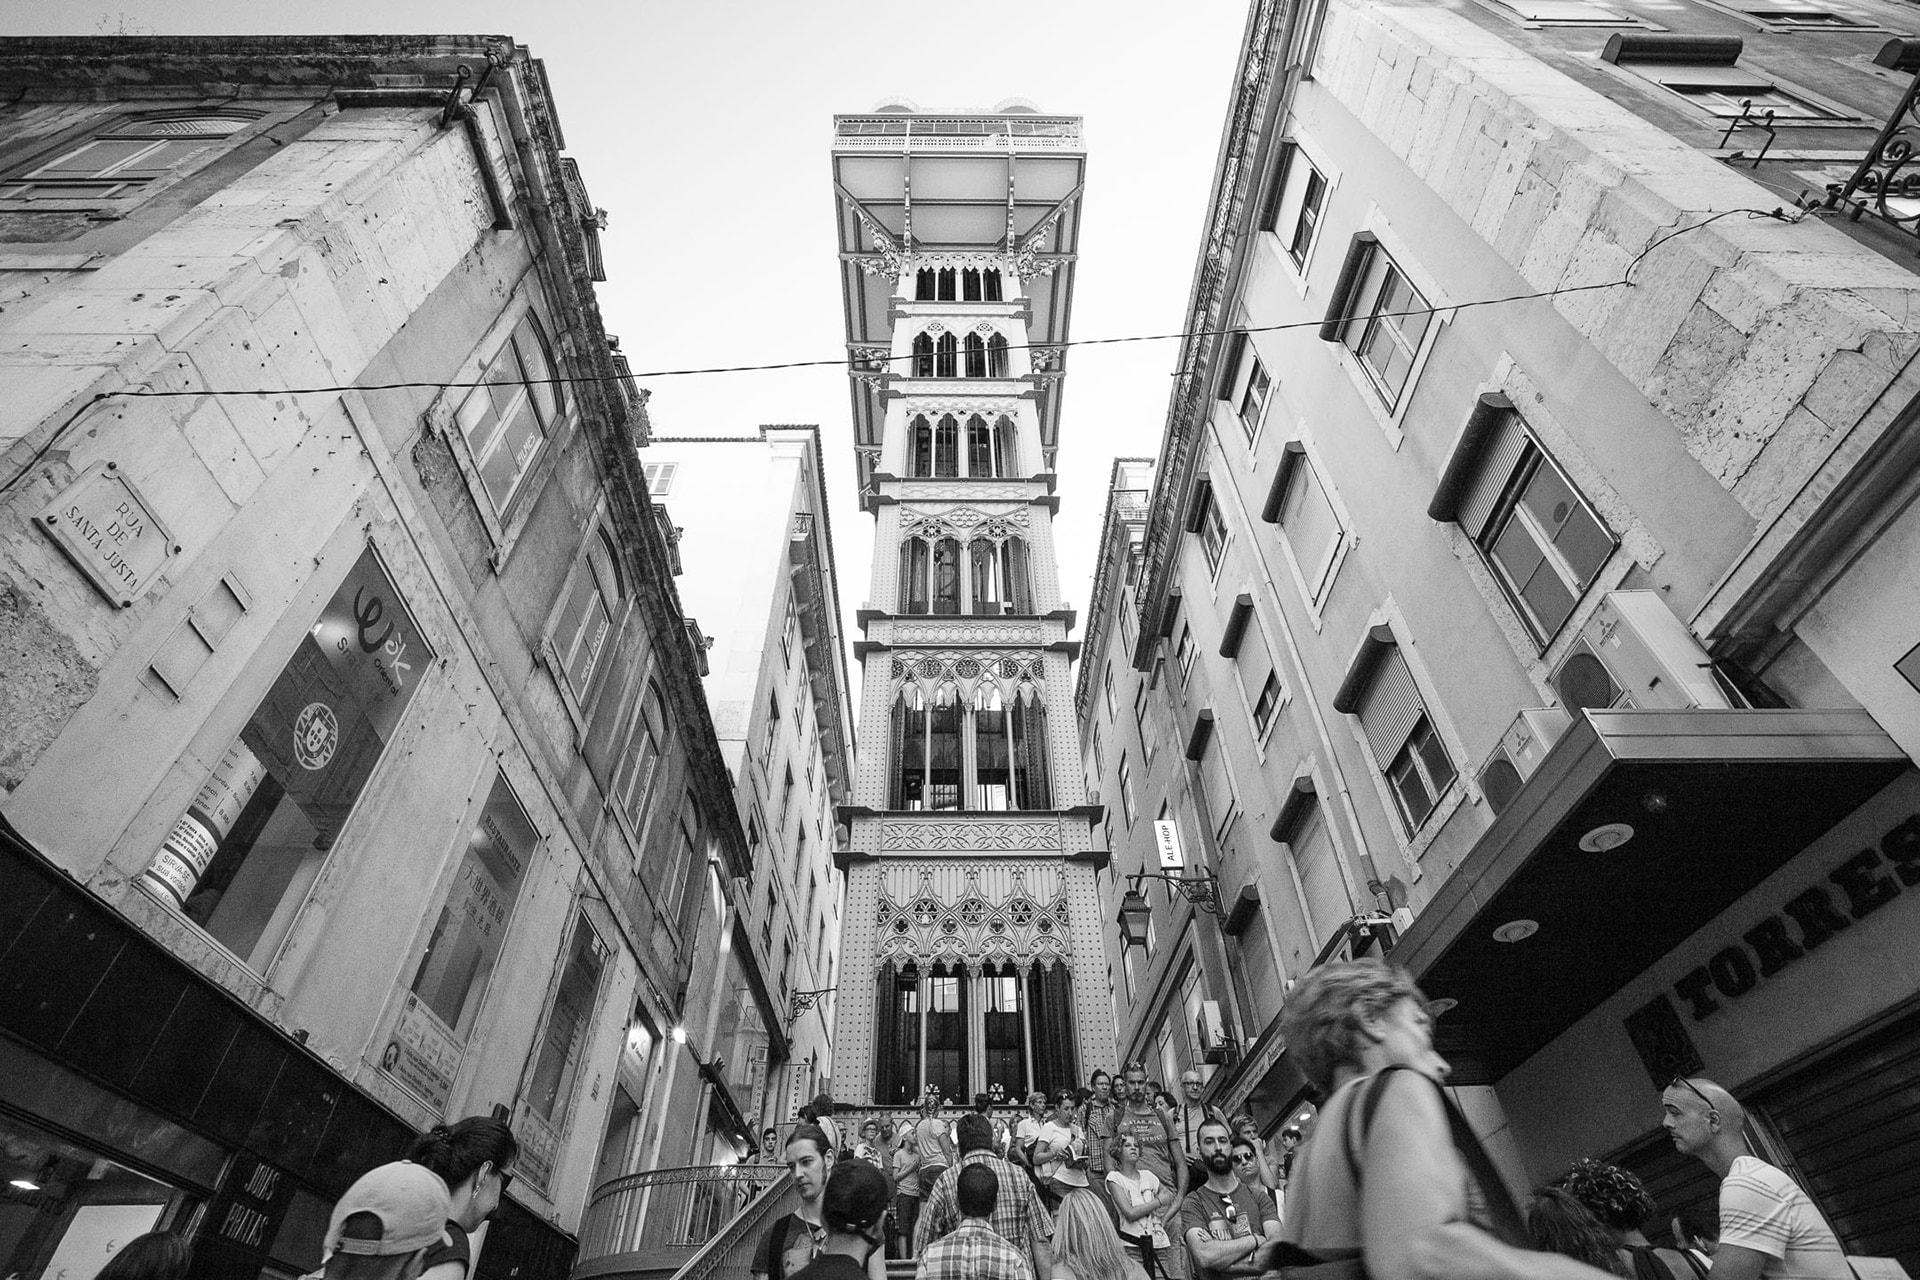 L'elevador Santa Justa dans le quartier Chiado à Lisbonne au Portugal